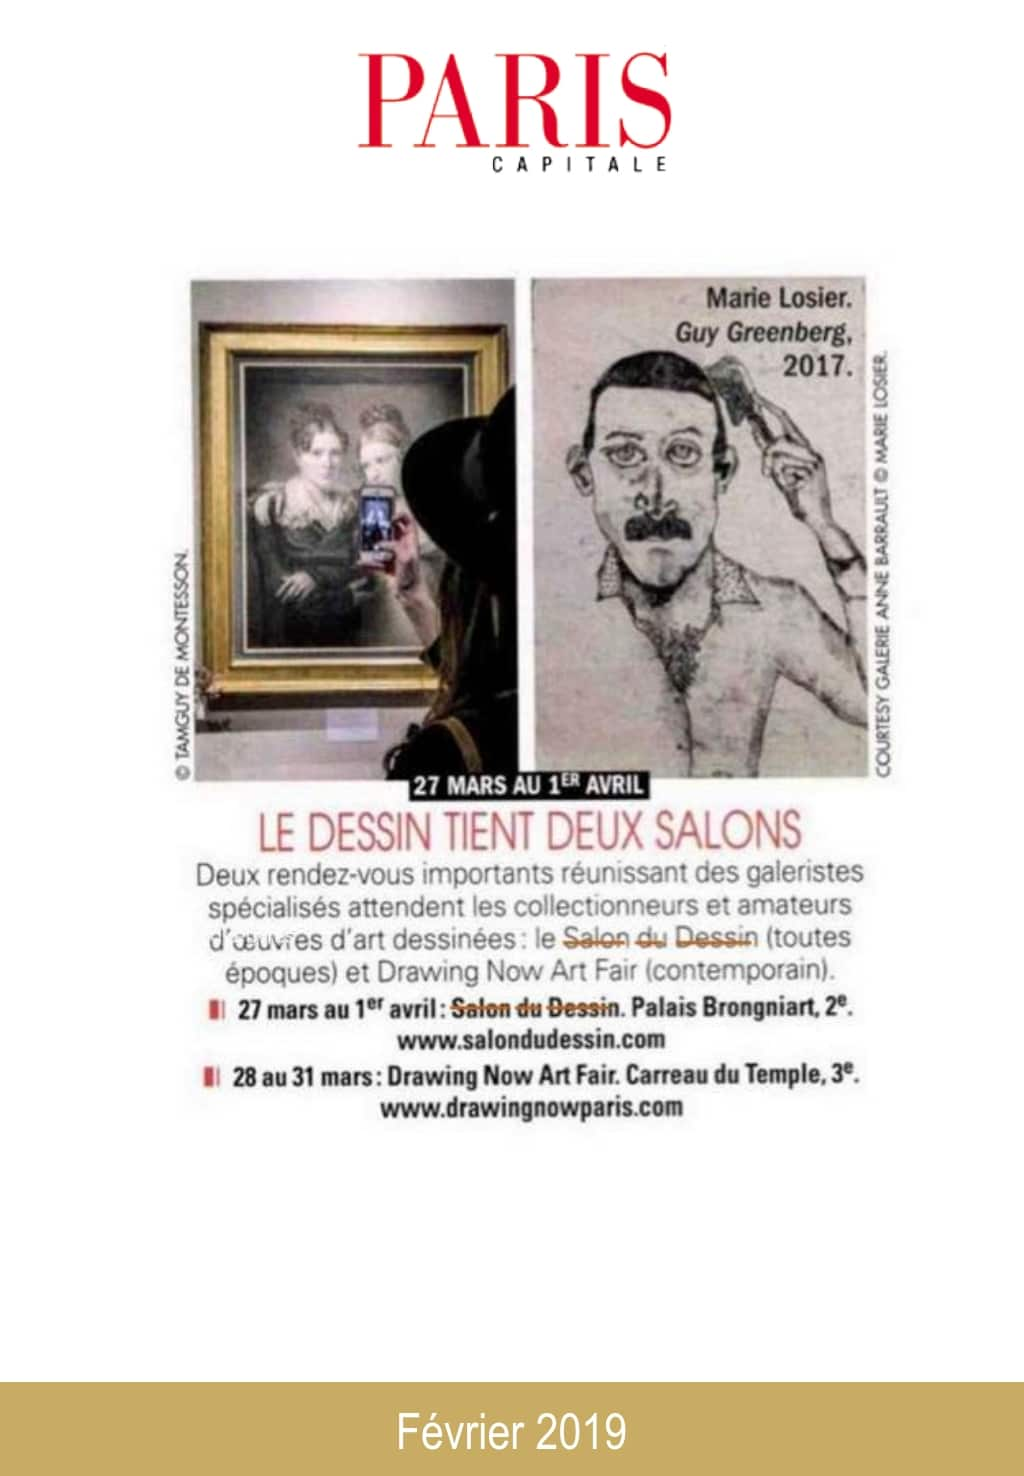 Article de presse du Salon du Dessin 2019 : Paris Capitale